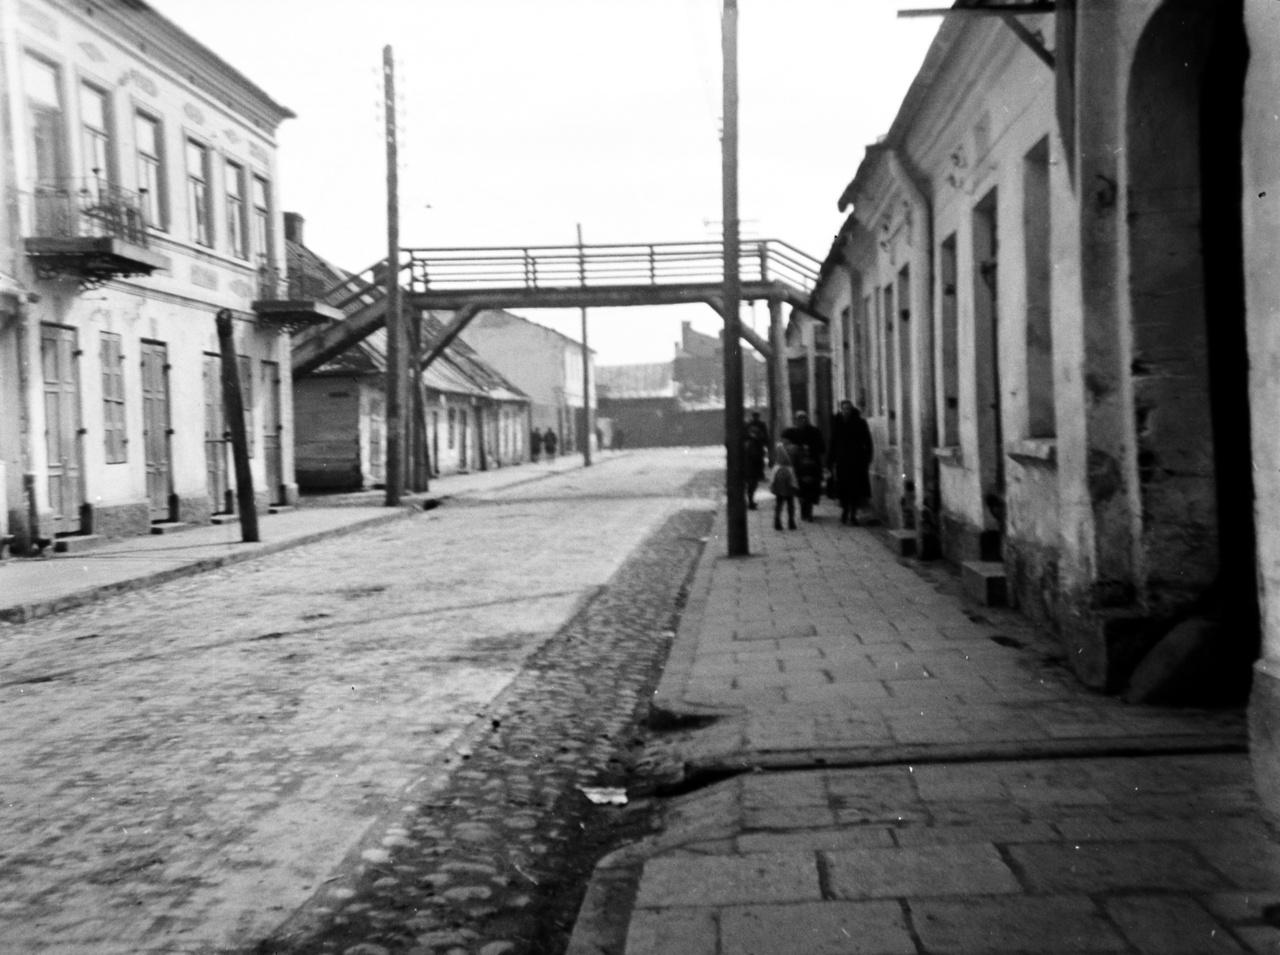 Egy ritka kép a gettóból, ahol amúgy tilos volt fotózni. A felvételen a skiernewicei Báthory István utcát (ulica Stefana Batorego) látjuk, az erdélyi fejedelemről és lengyel királyról elnevezett utca gyalogoshídja alatt gyerekek, asszonyok jönnek szembe. 1940-ben 6900 embert zsúfoltak össze a kijelölt területre. A kisvárosi gettó lakóit három évvel később a varsói gettóba szállították át. A döntő többség nem élte meg a háború végét.